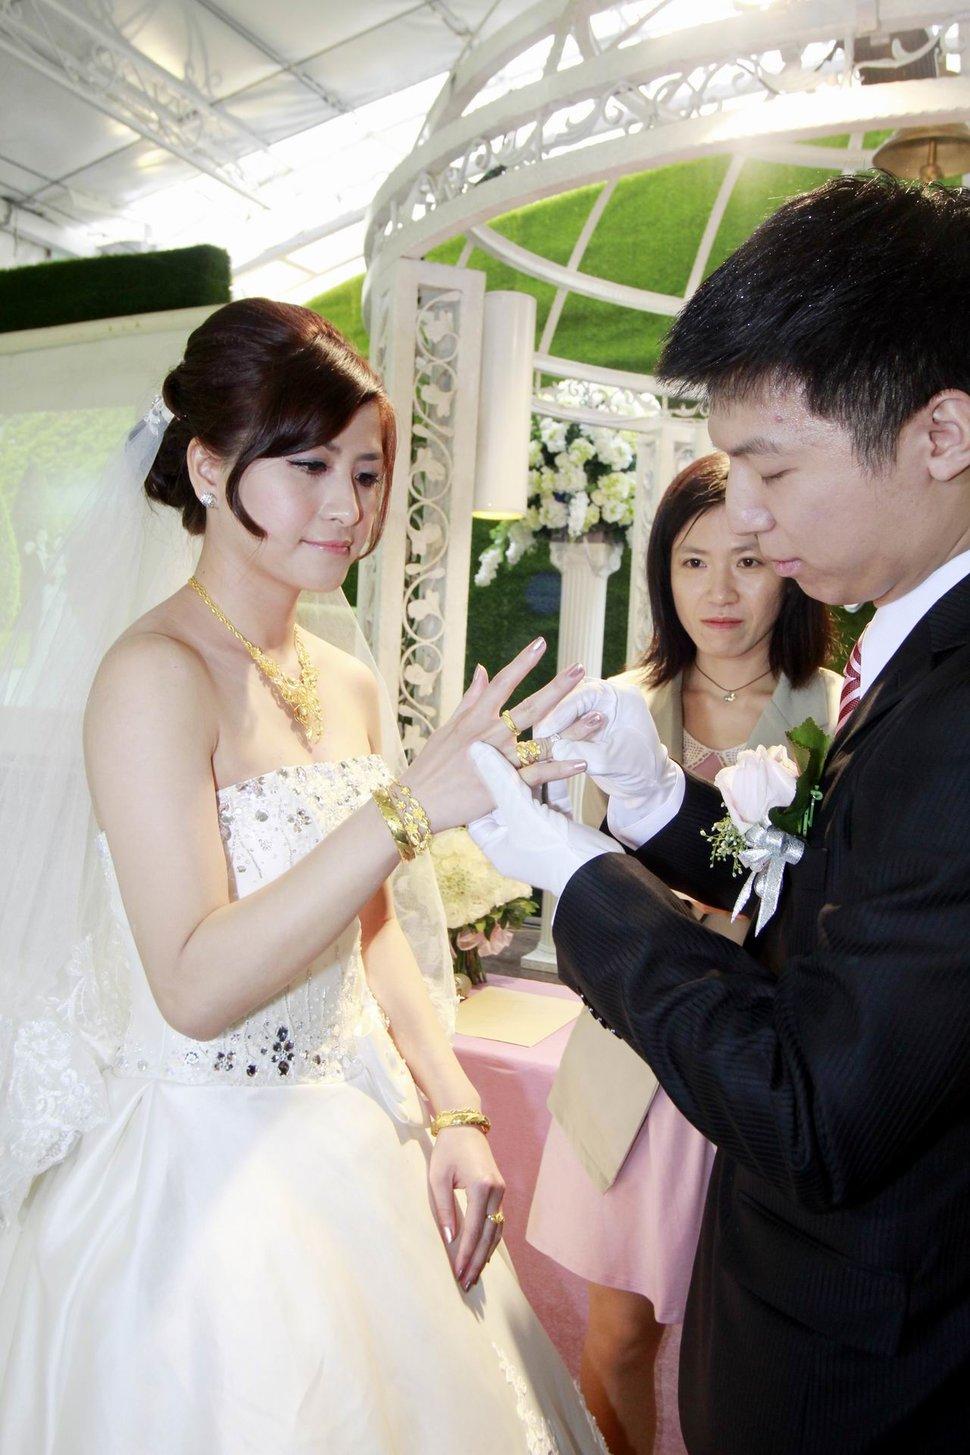 青青食尚花園會館婚禮記錄結婚迎娶婚禮記錄動態微電影錄影專業錄影平面攝影婚紗攝攝影婚禮主持人(編號:196754) - 蜜月拍照10800錄影12800攝影團隊 - 結婚吧